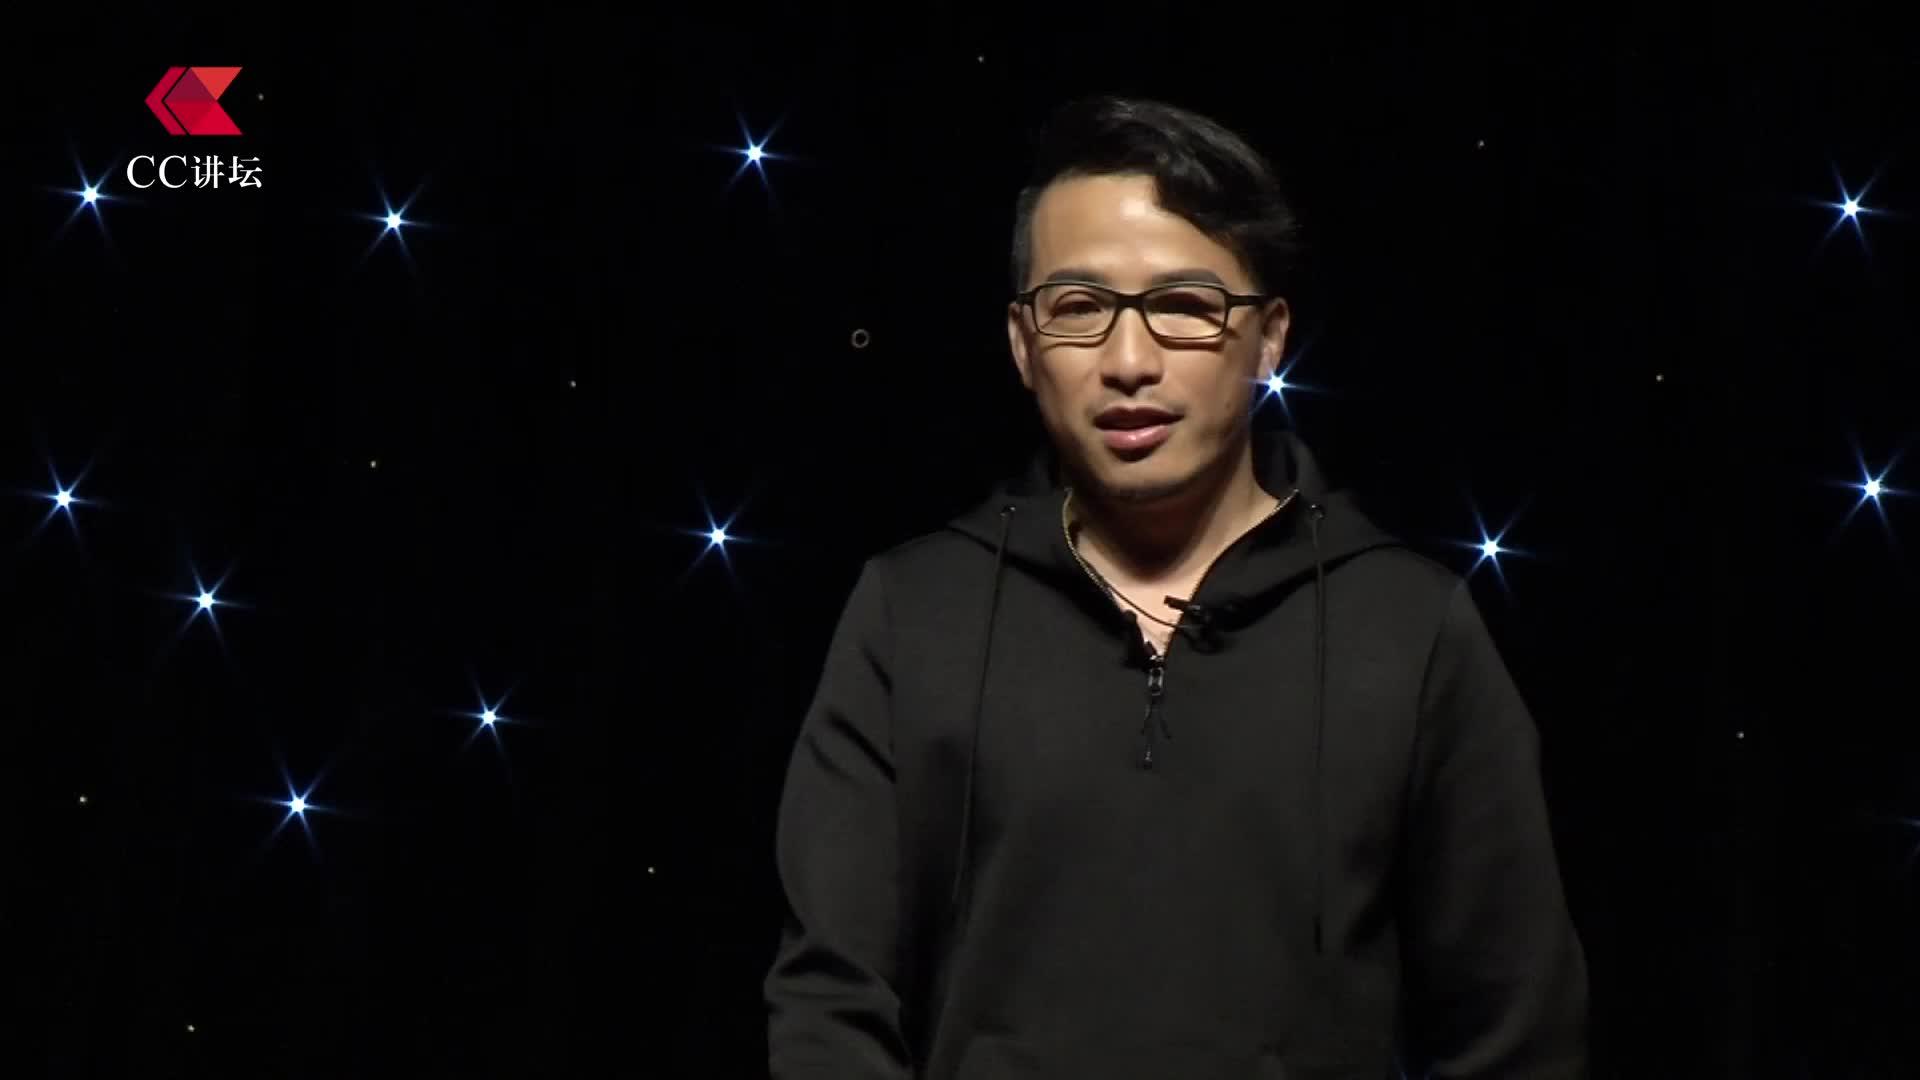 CC讲坛(科技):岳路平《编程中国乡村》